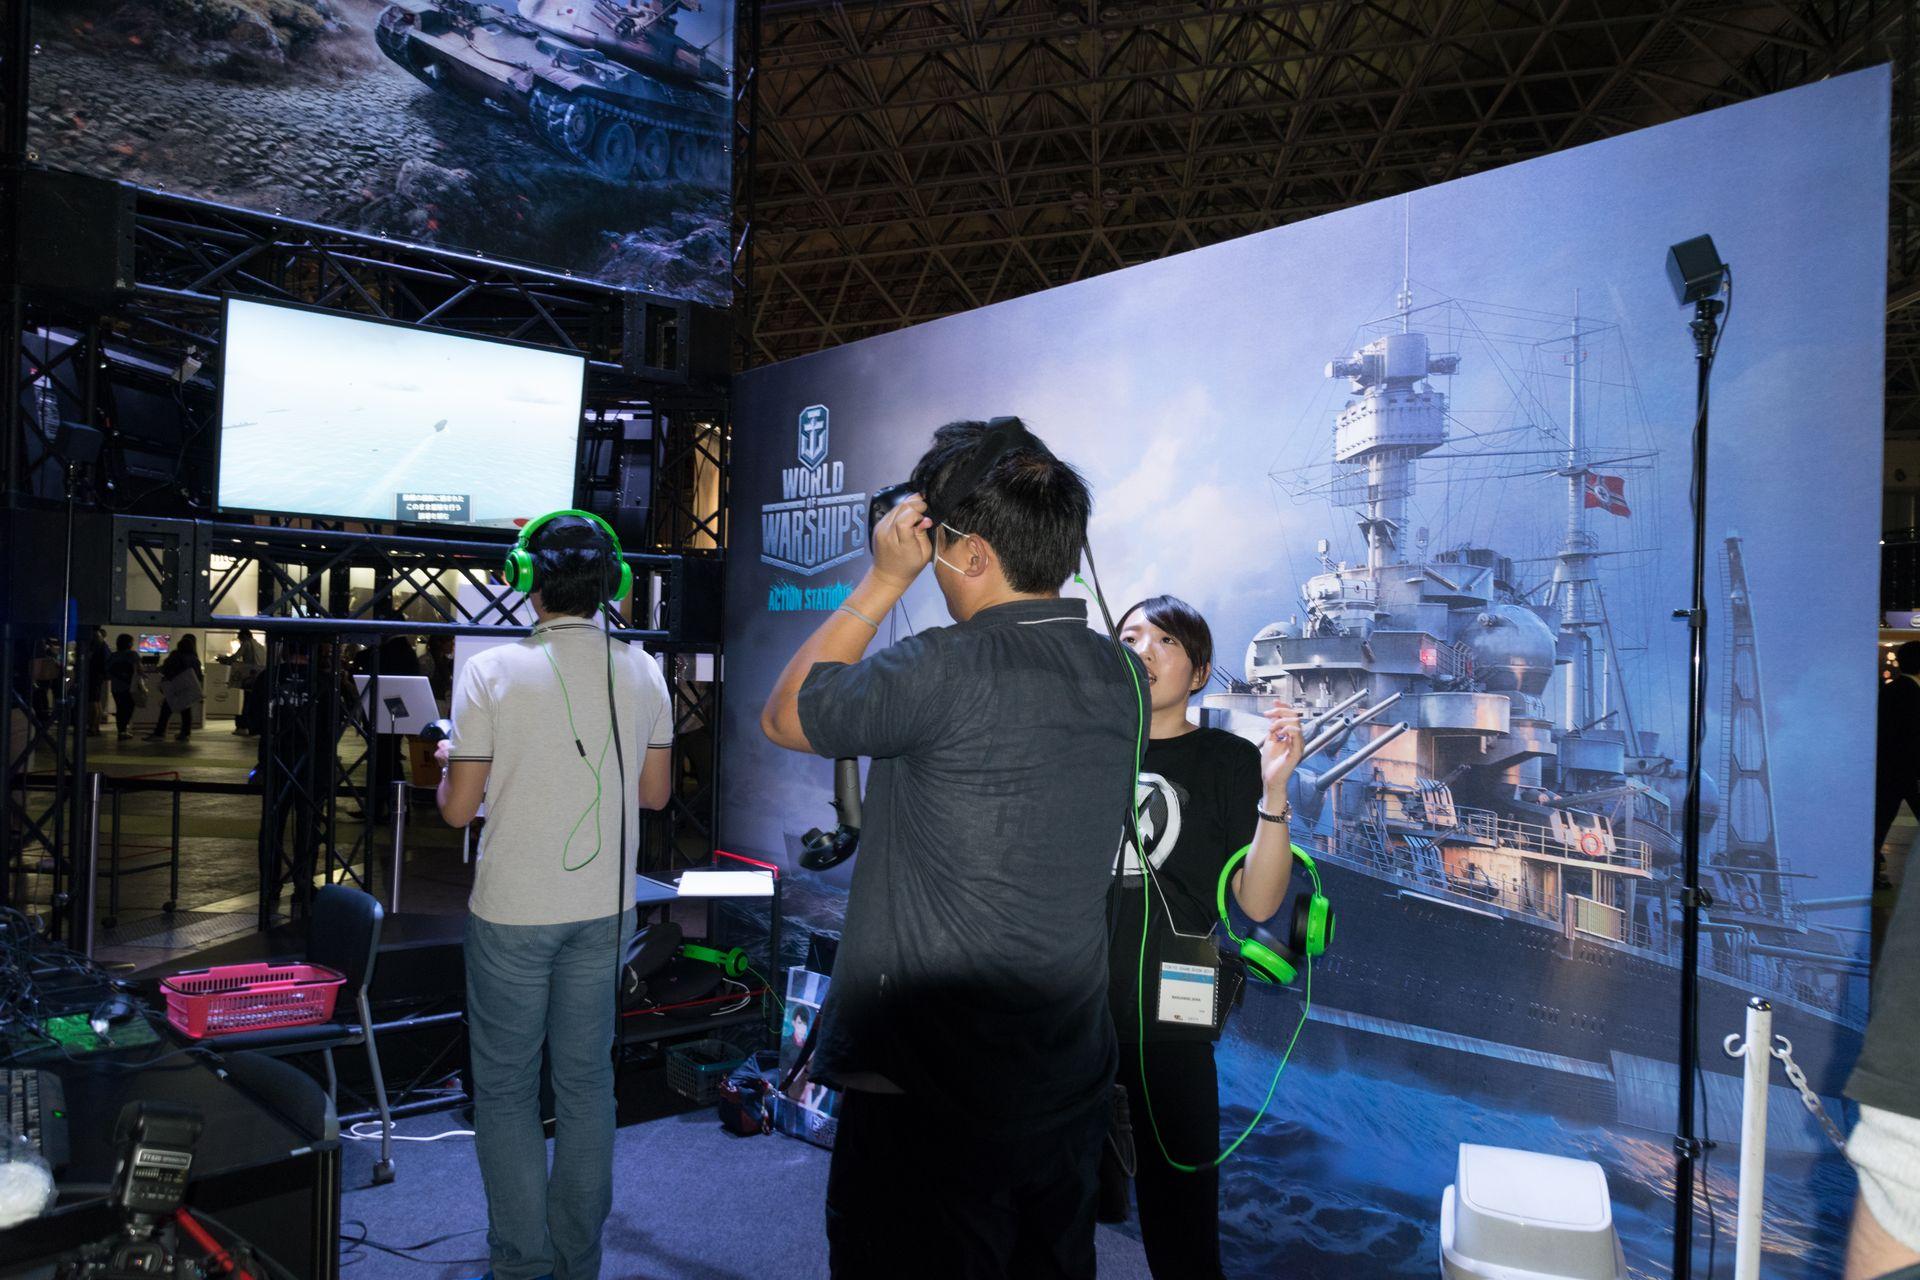 VR系にも力を入れているようで、VRTech社と共同で開発中のVRコンテンツ(Cinema VR/Polygon VR)や、World of Warshipsの世界をVRで体験できるブースを展開